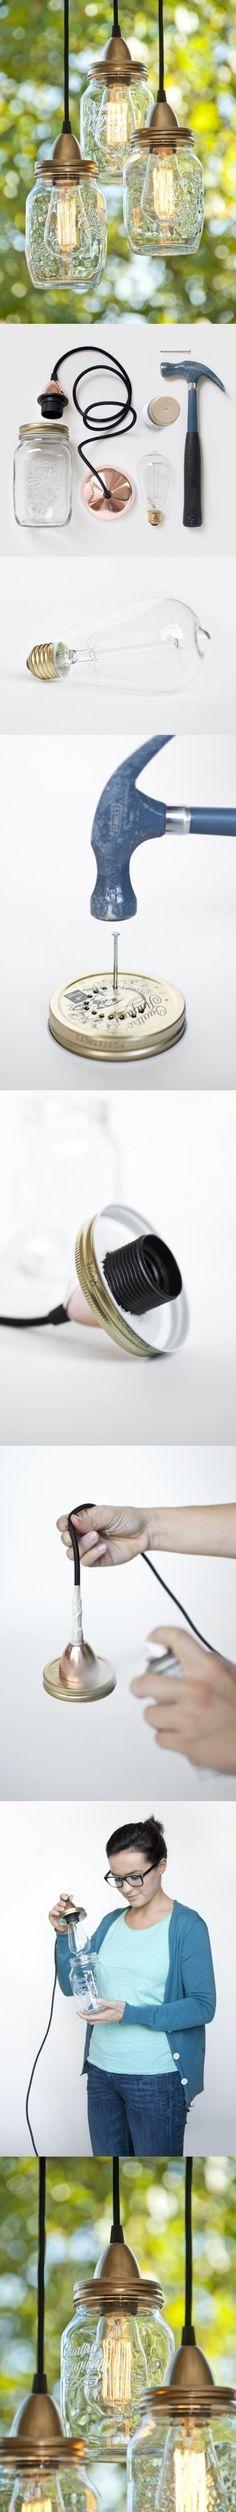 Zelfmaak lamp van een glazen pot